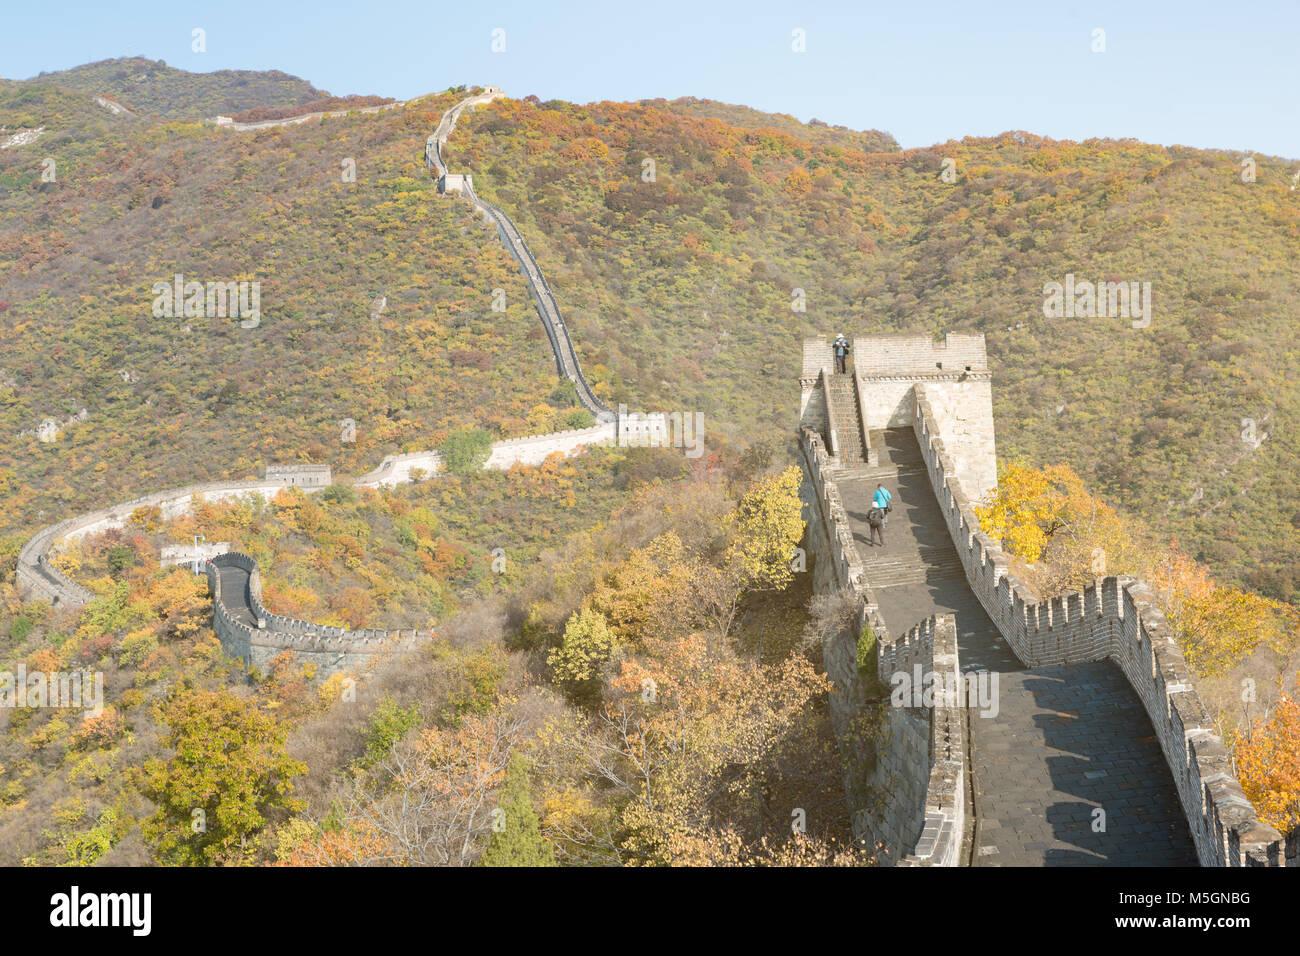 China die Große Mauer Fernsicht komprimierte Türme und wandsegmente Herbst in den Bergen in der Nähe Stockbild